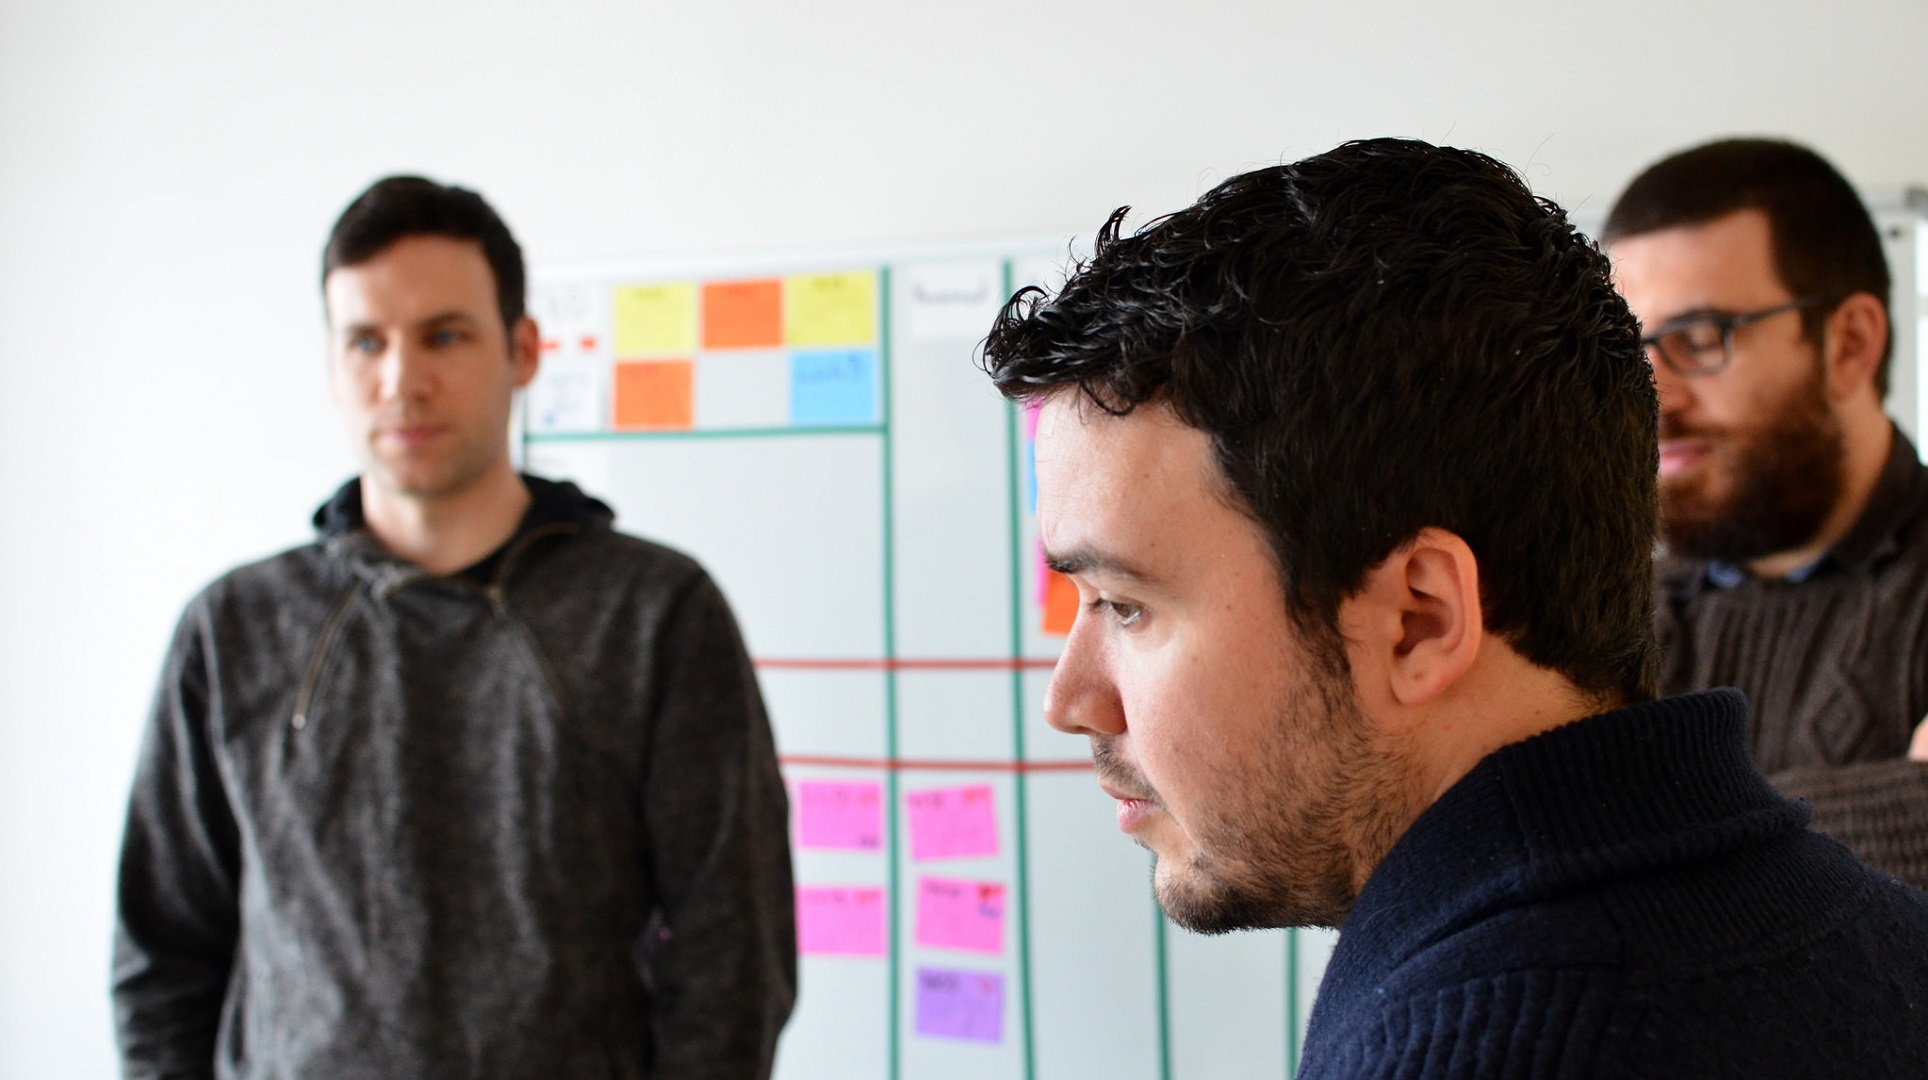 Consejos para empezar una startup